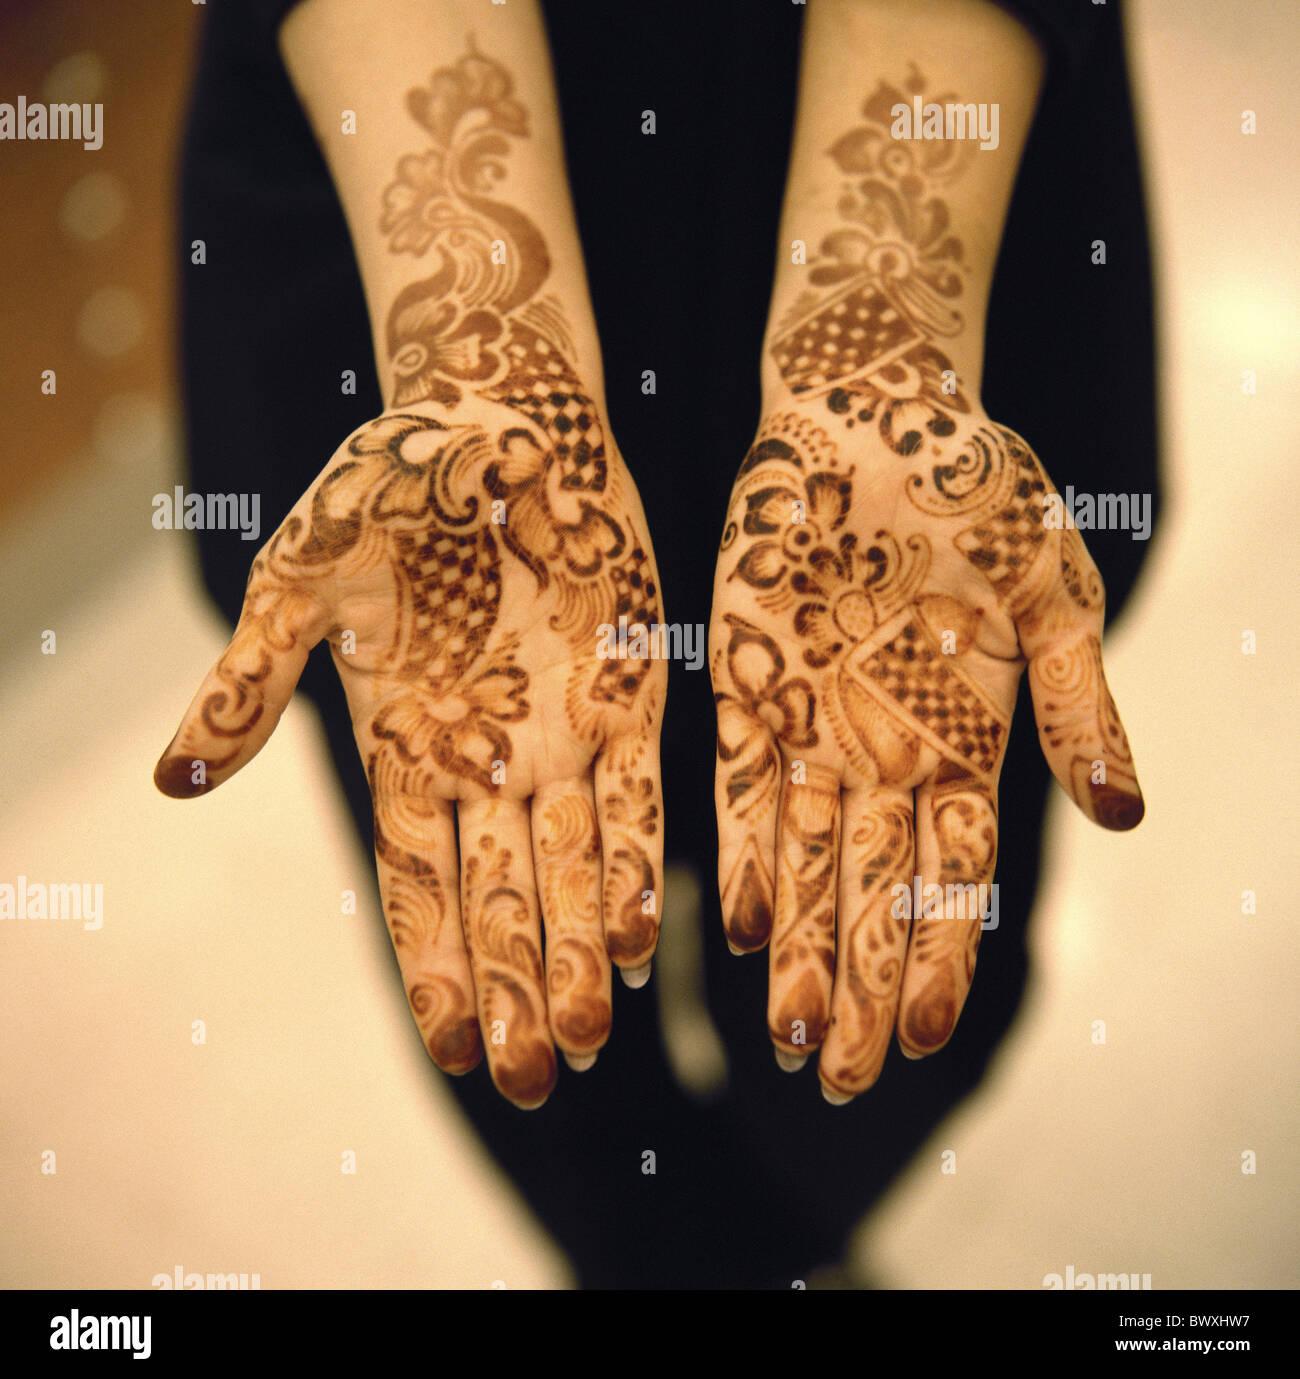 malte 10331604 Bahrein Frau Hände Henna Leben Muster Beispiel Nahaufnahme Ornamente tattoo Stockbild